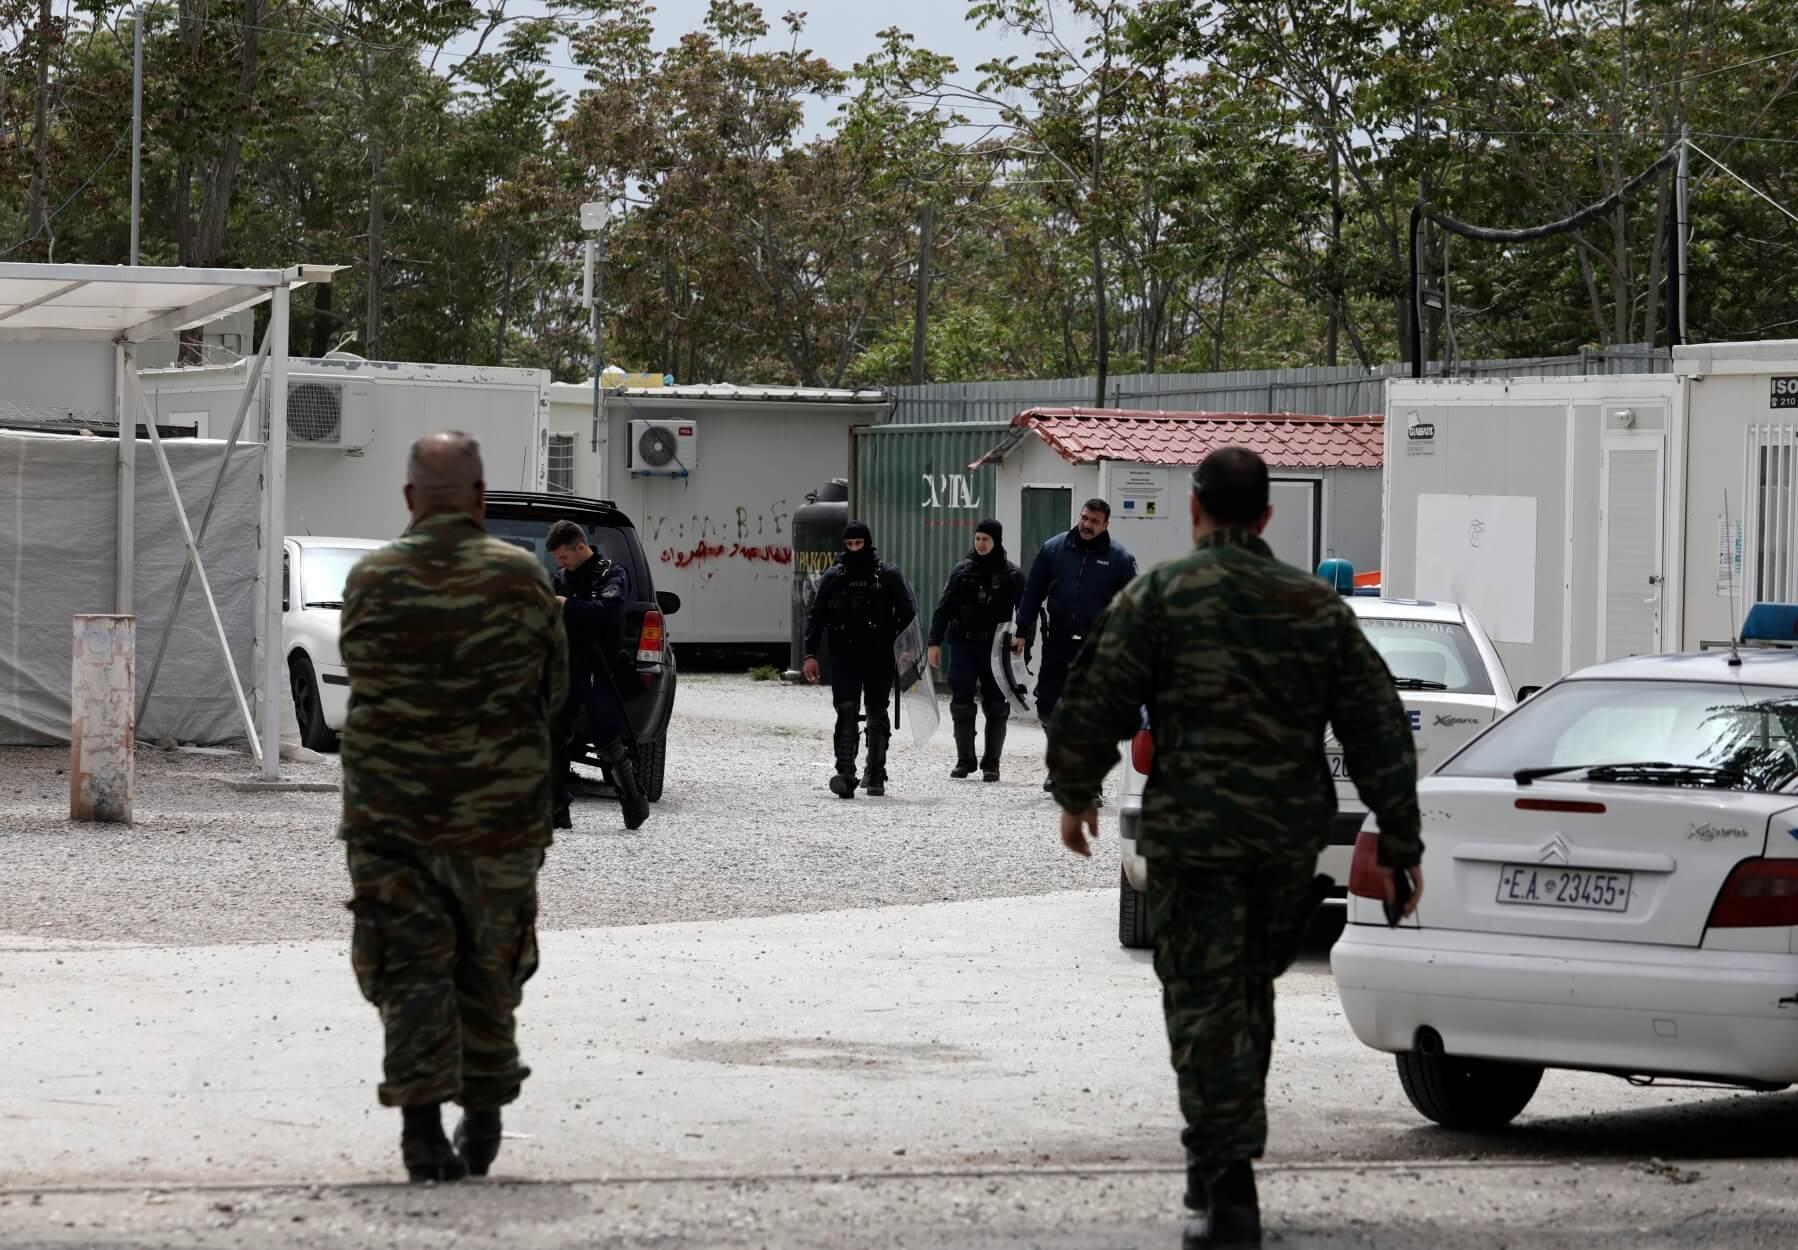 Ελαιώνας: Αστυνομική επιχείρηση για την απομάκρυνση παράτυπων μεταναστών